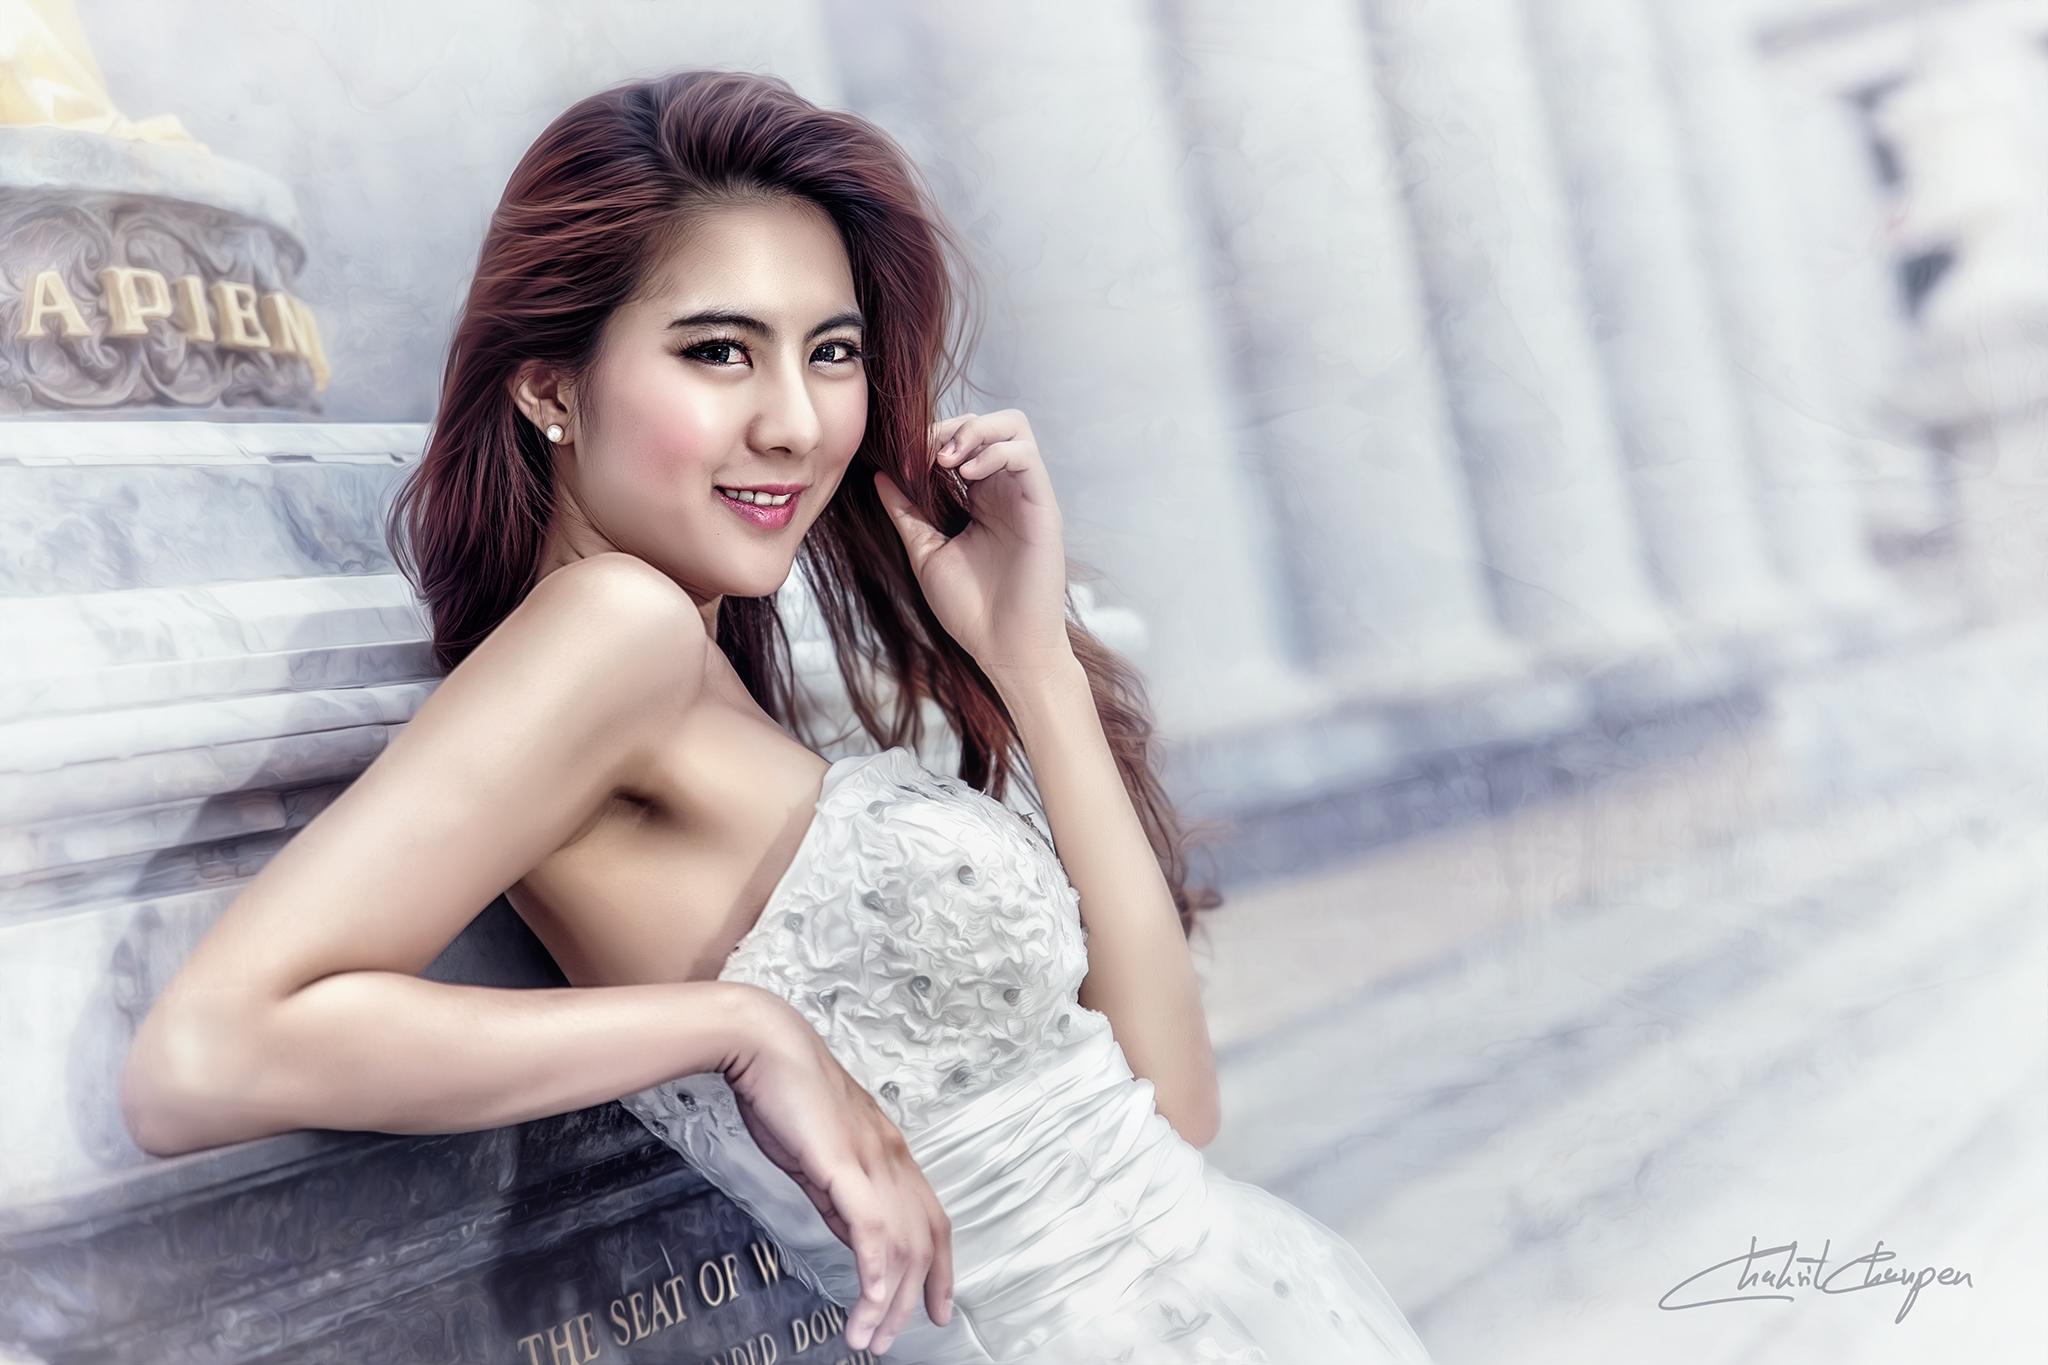 Calendar Girl Wallpaper Hd : Fan hd wallpaper background image id